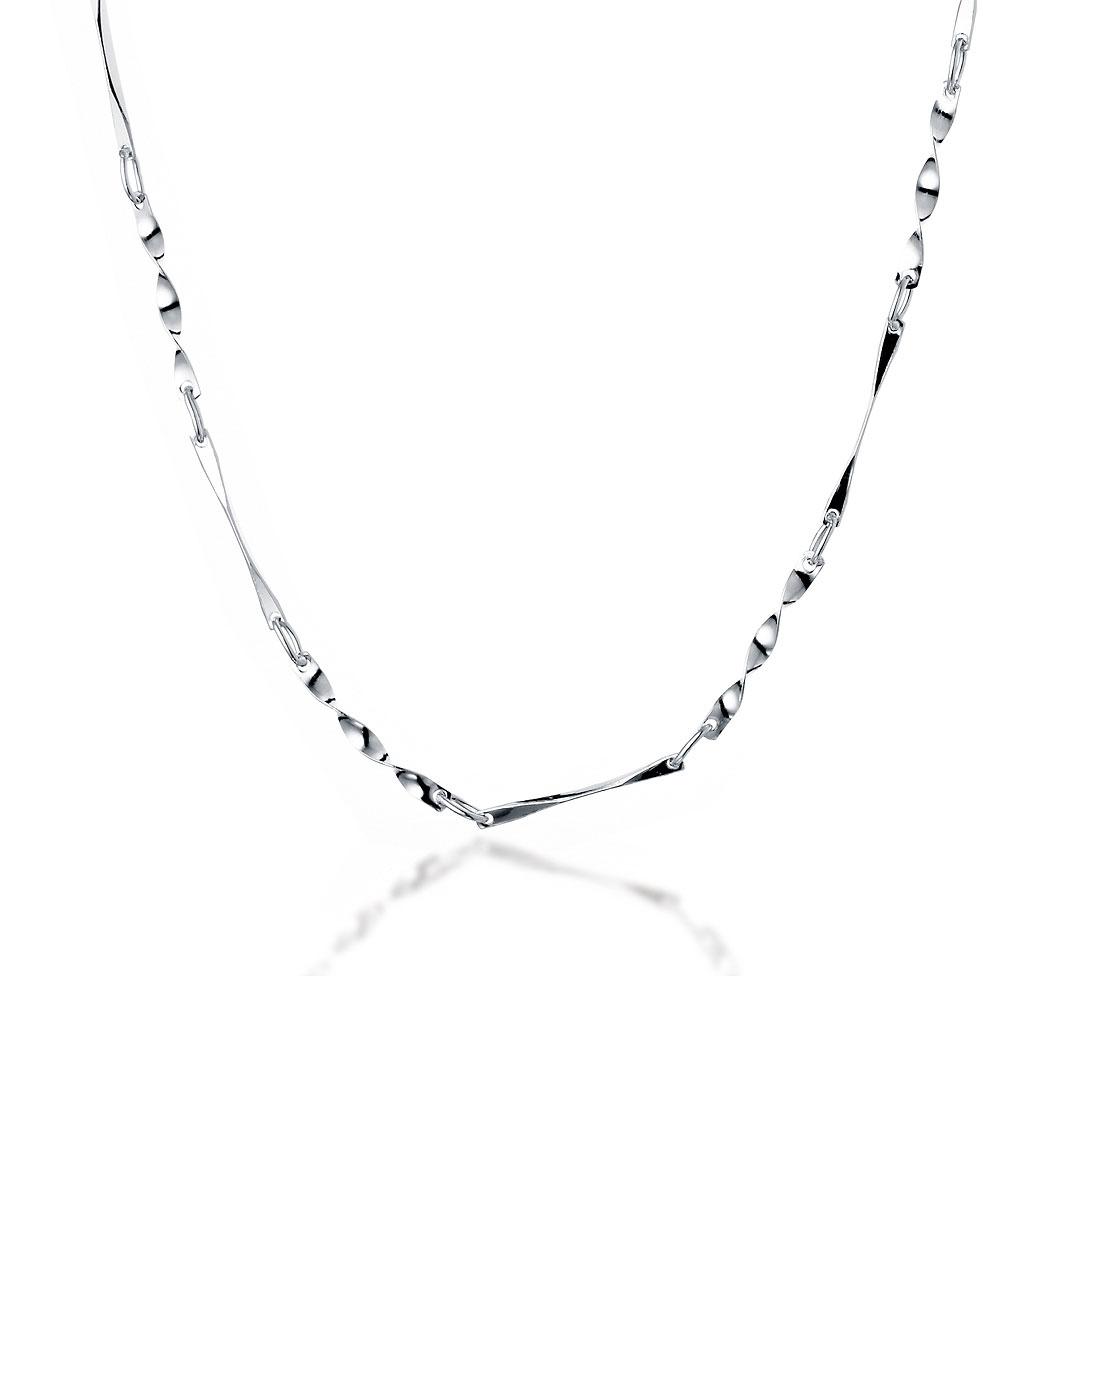 S925银项链,项链,佐卡伊项链